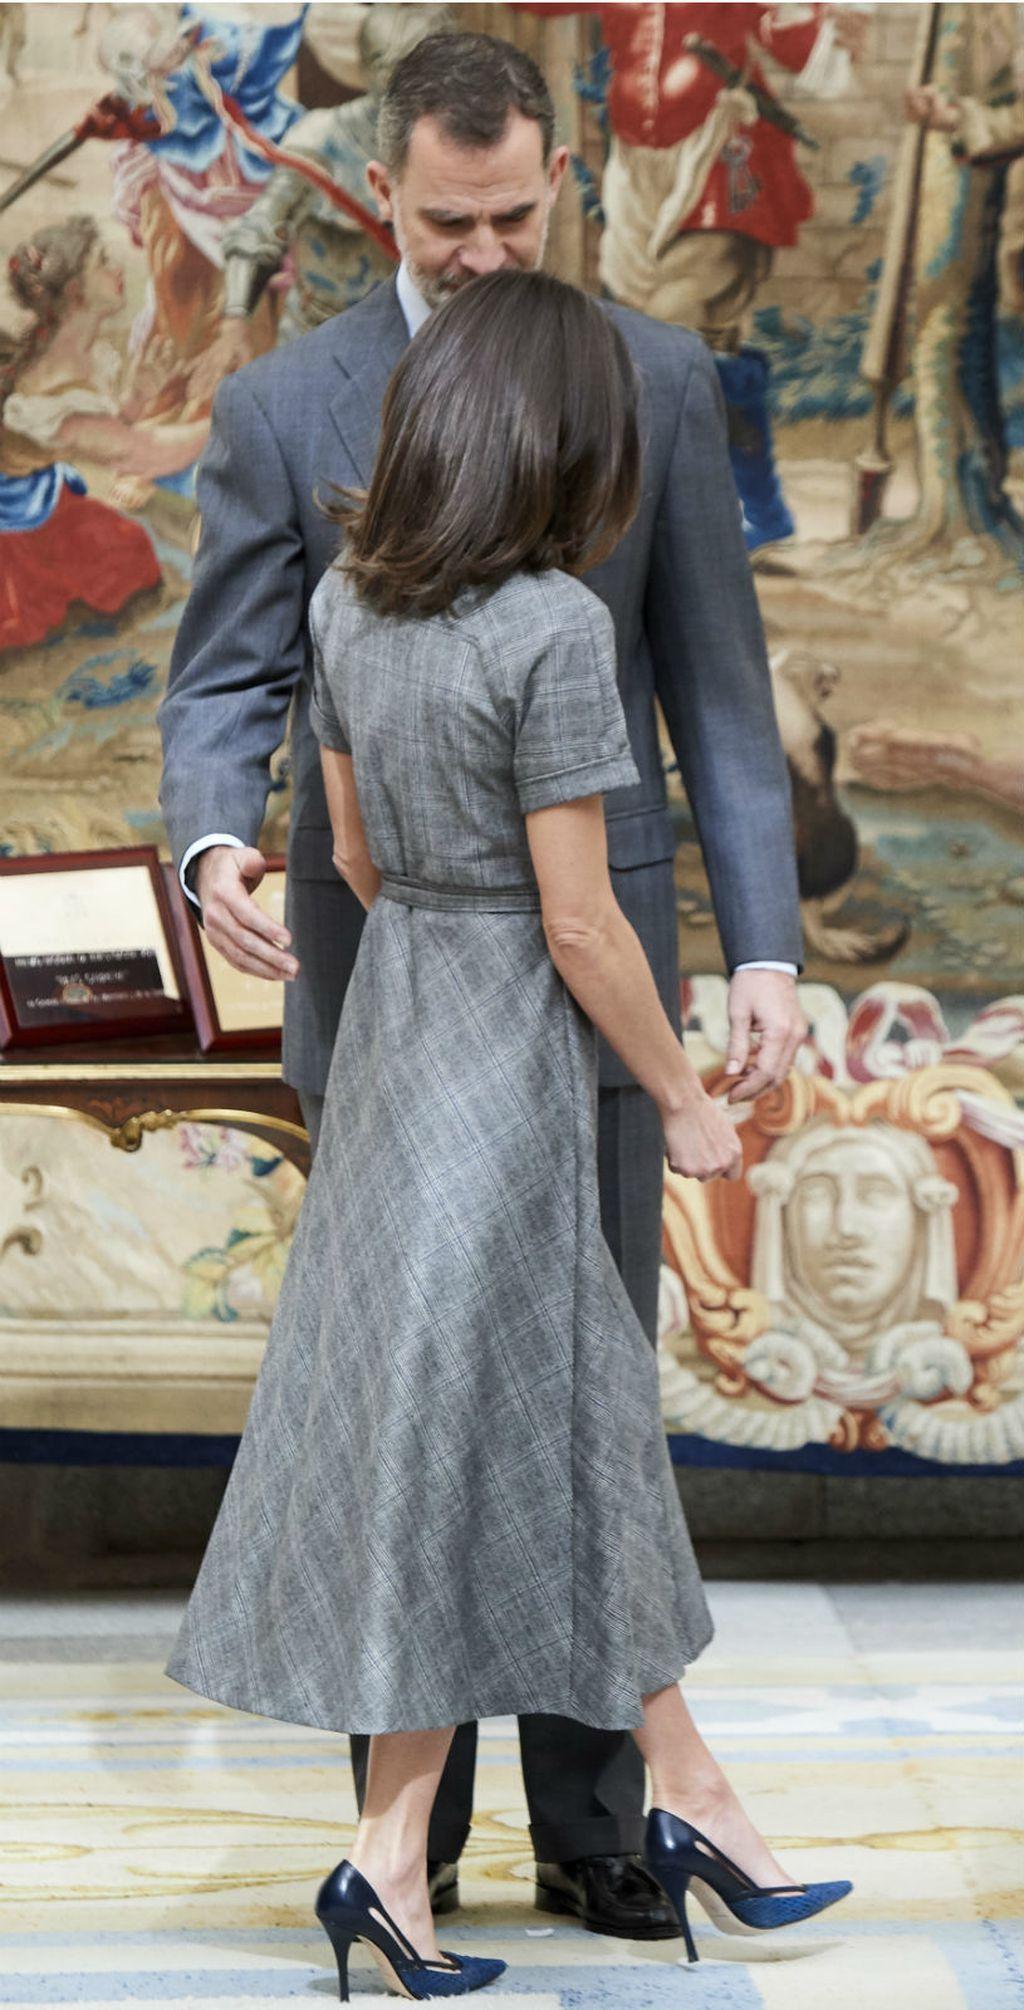 Kraljica Letizia u laskavoj haljini brenda Massimo Dutti - 2